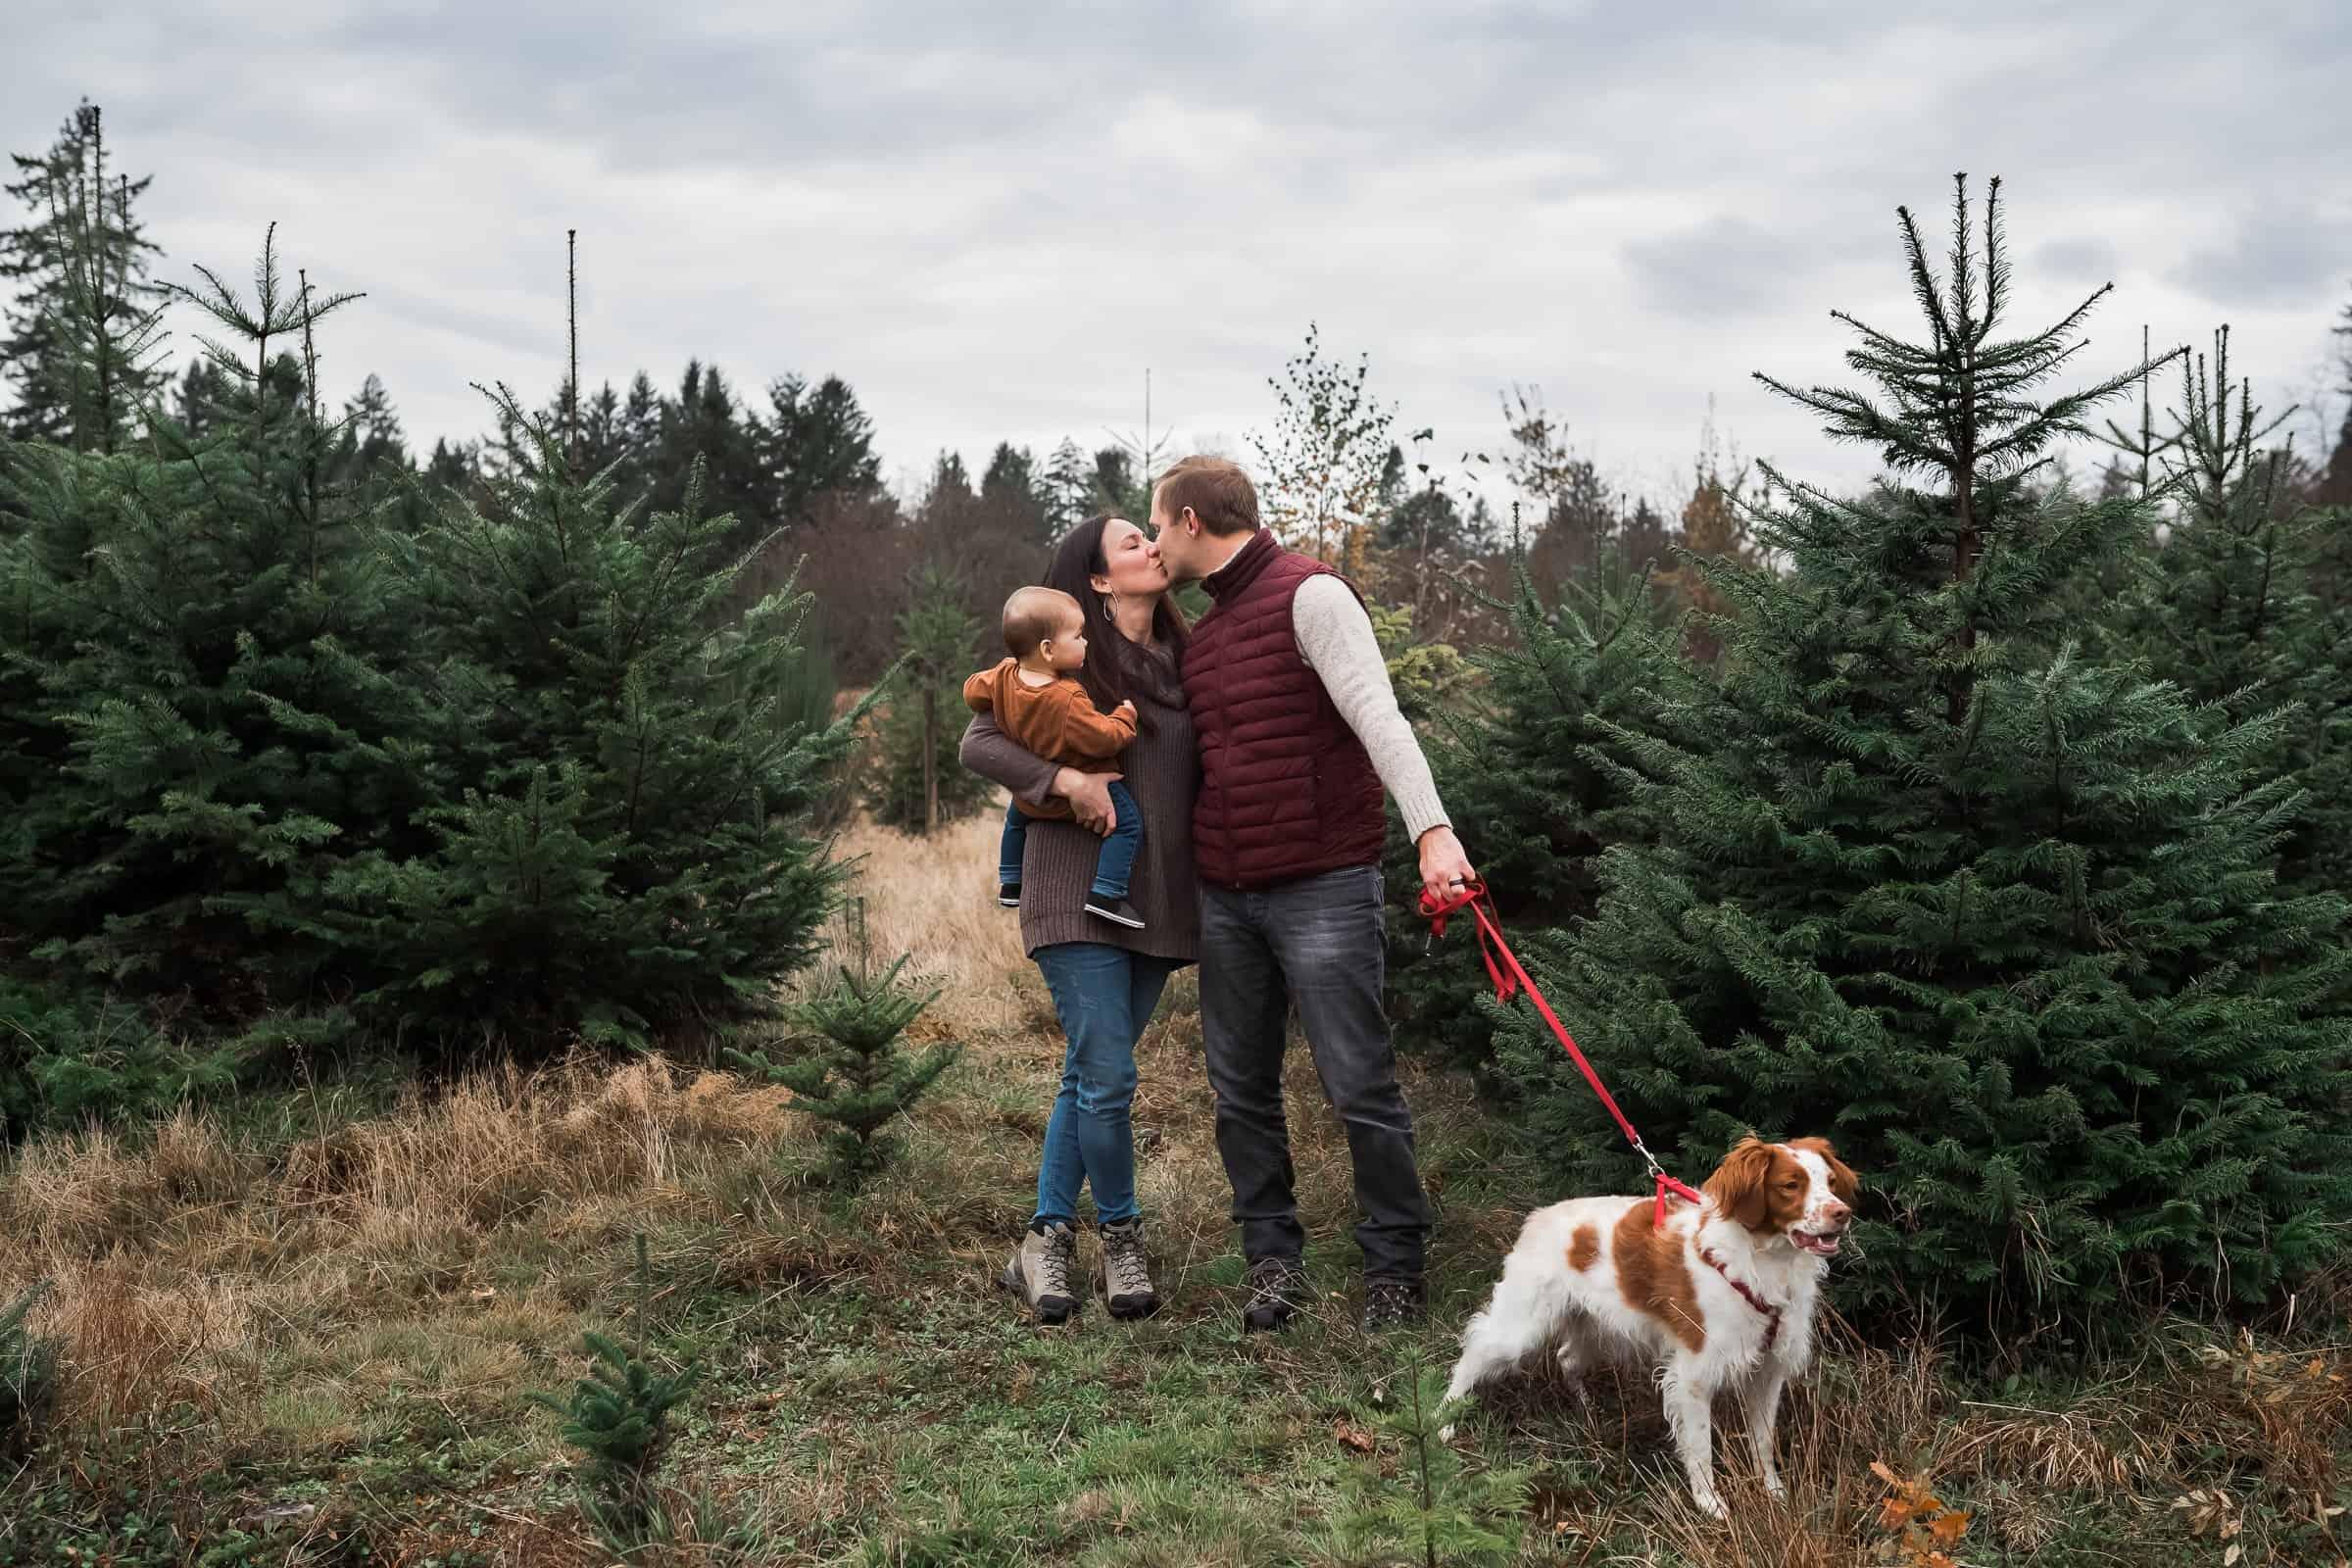 family walking dog at tree farm holding baby